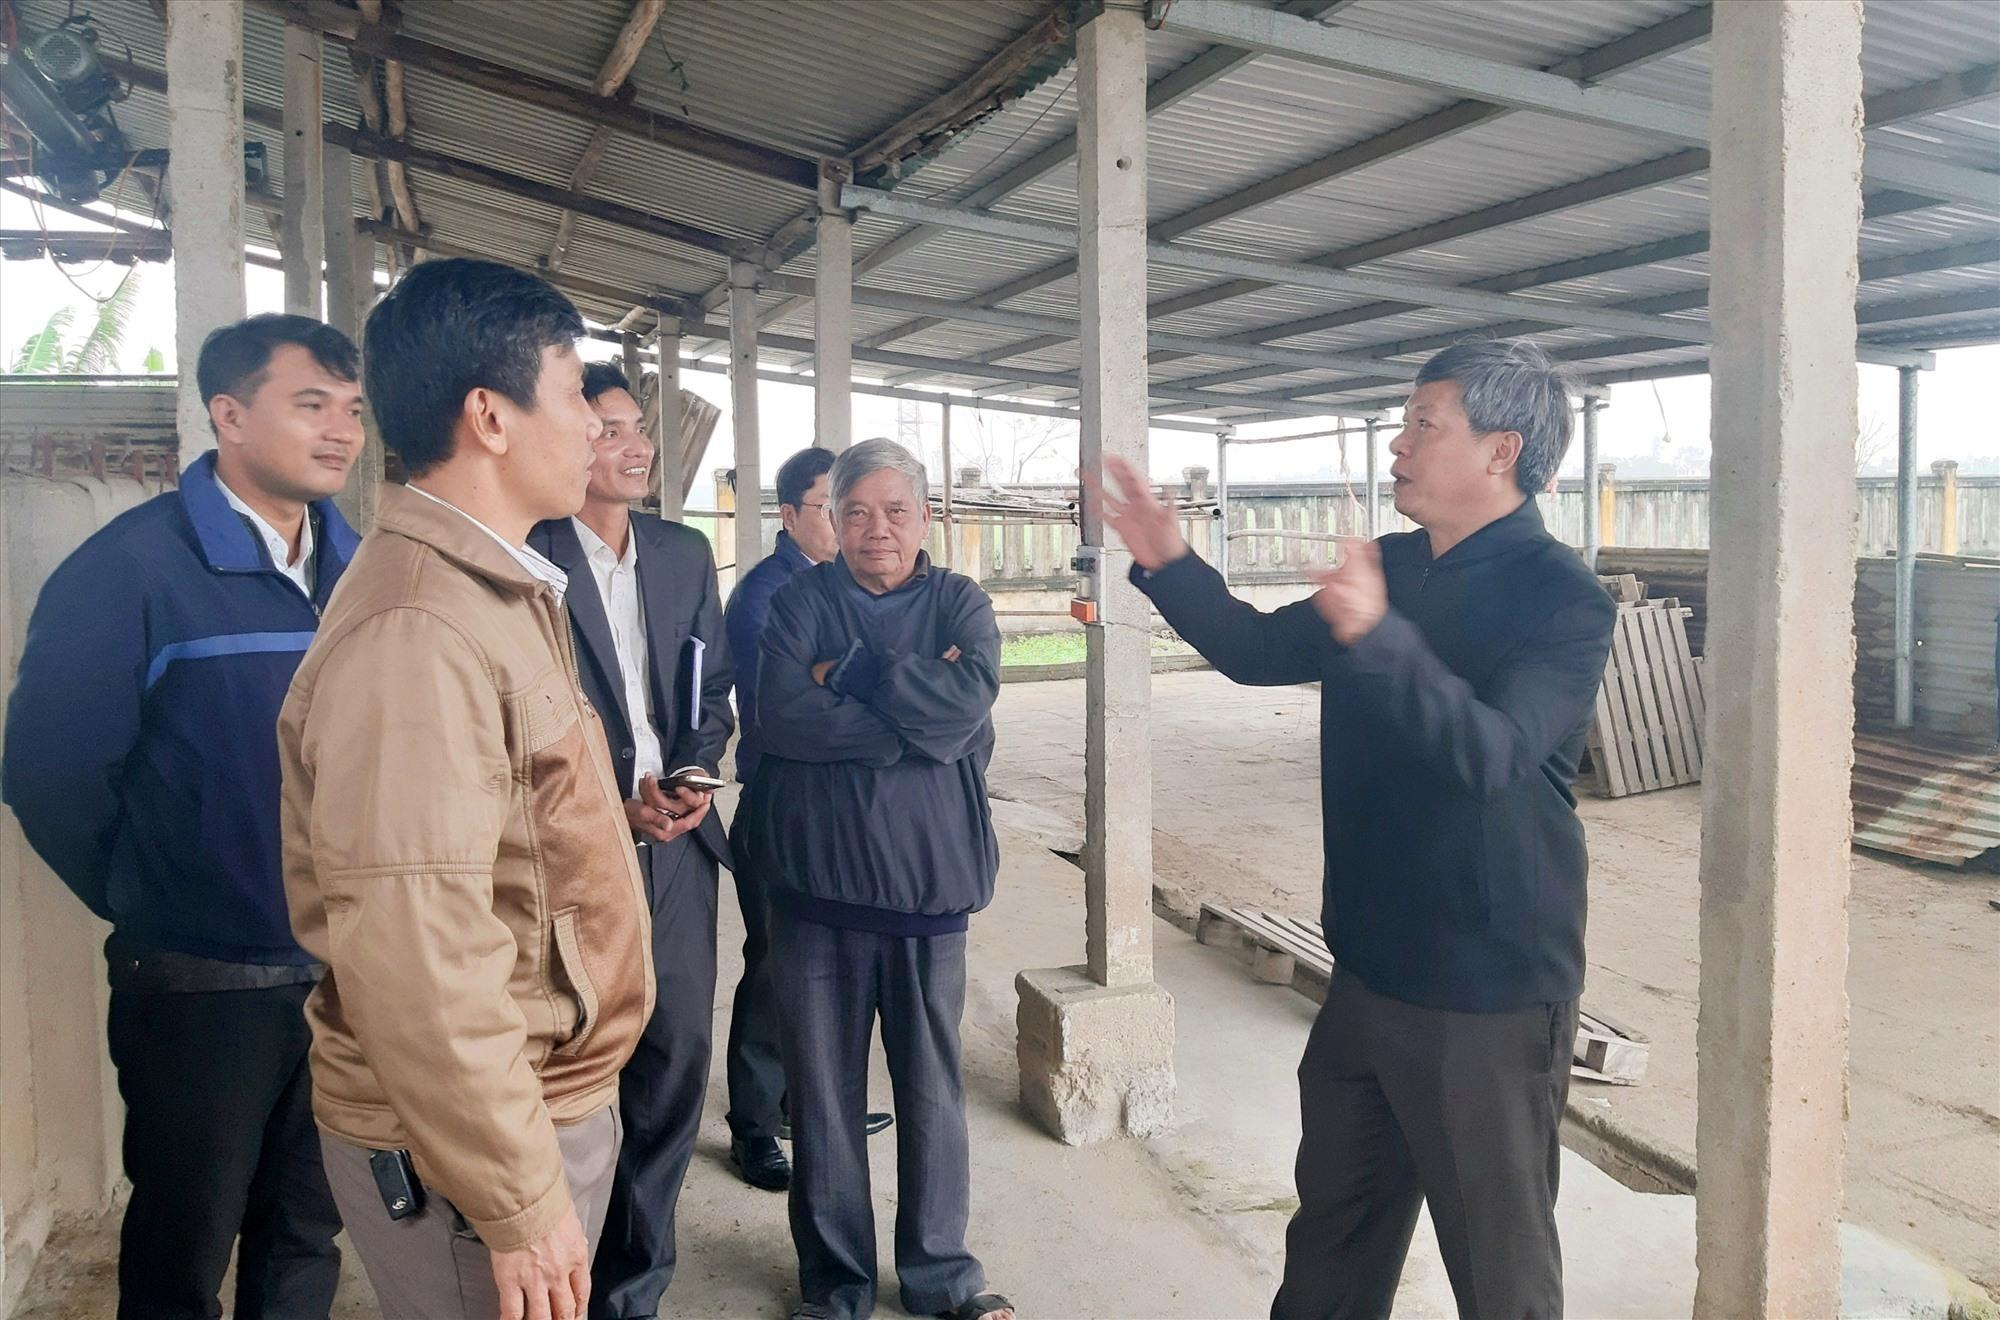 Phó Chủ tịch UBND tỉnh Hồ Quang Bửu kiểm tra cơ sở hạ tầng của Hợp tác xã Nông nghiệp 1 Điện Phước. Ảnh: VĂN SỰ